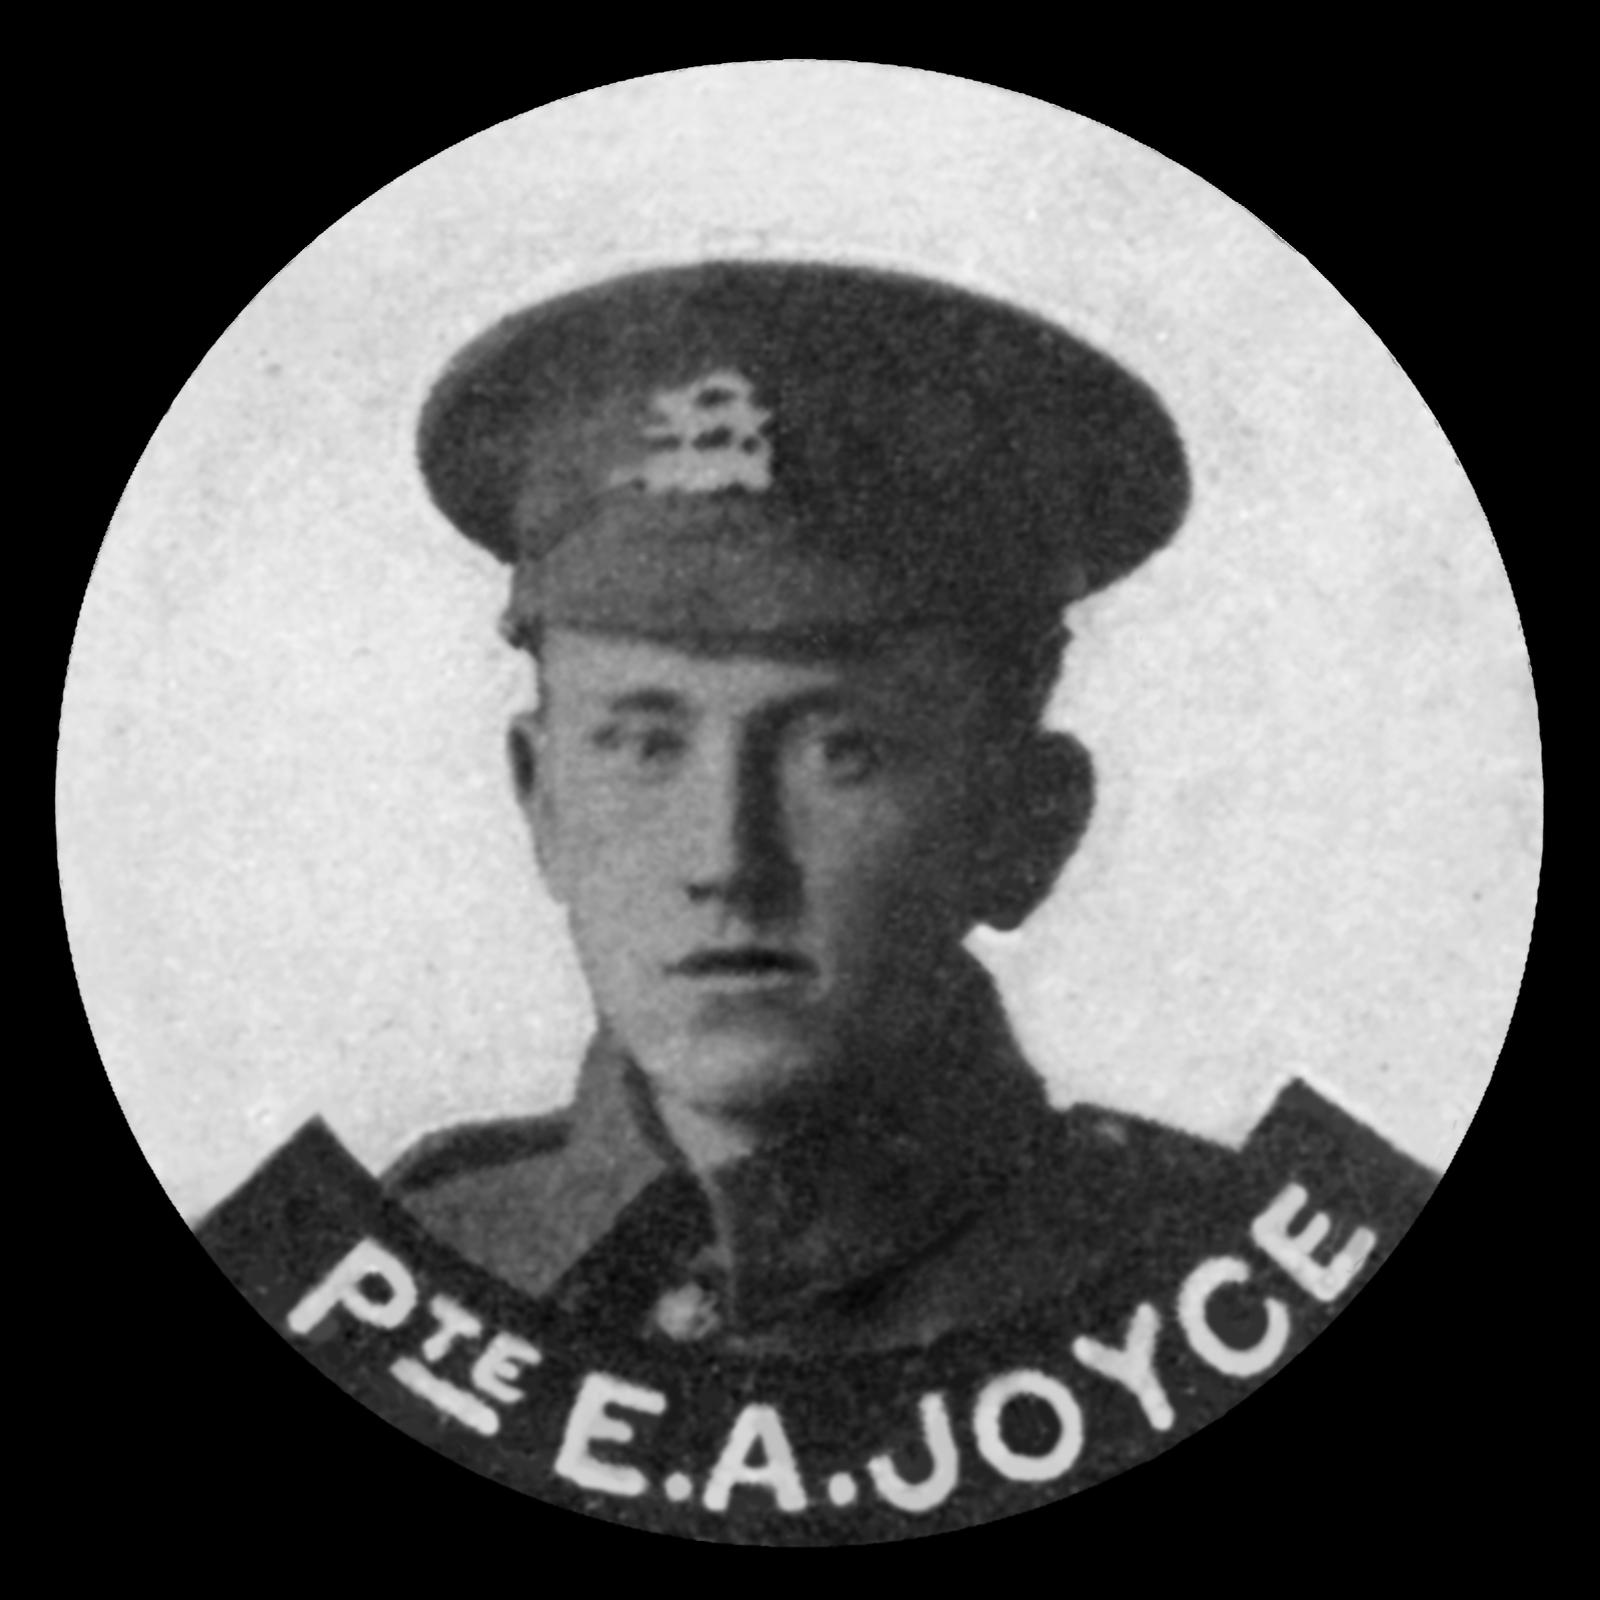 JOYCE Edmund Alfred